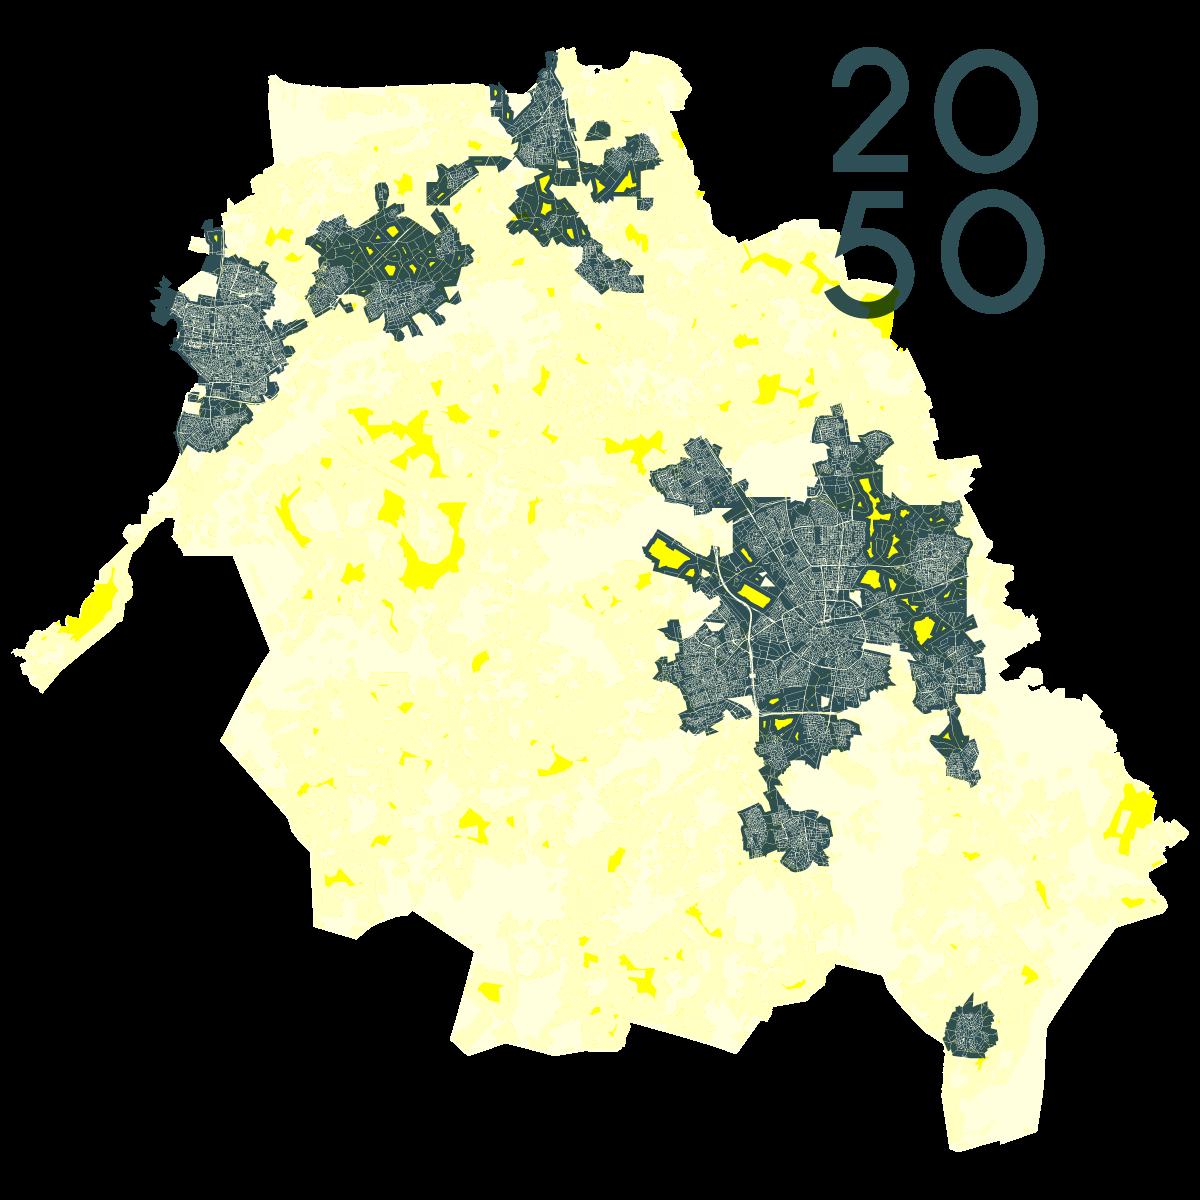 kelderakkers-2050.